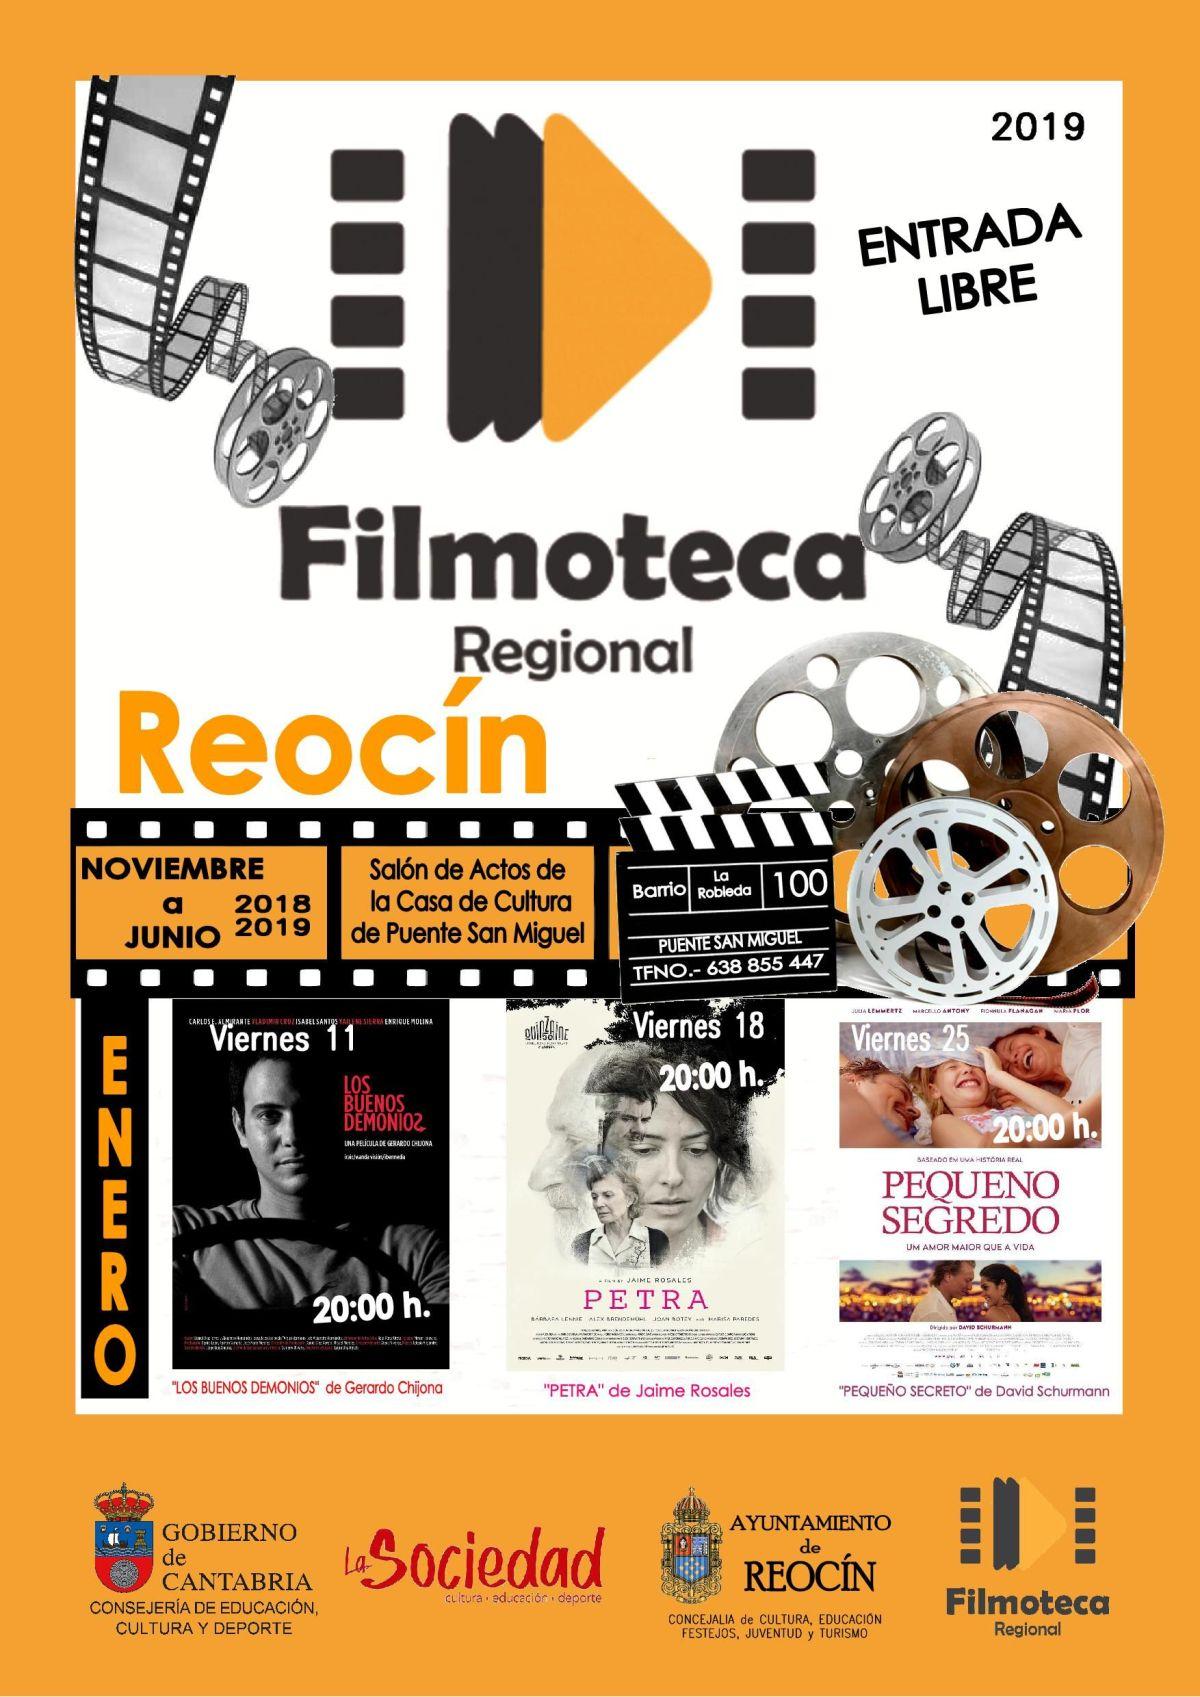 cartel filmoteca reocin enero 2019